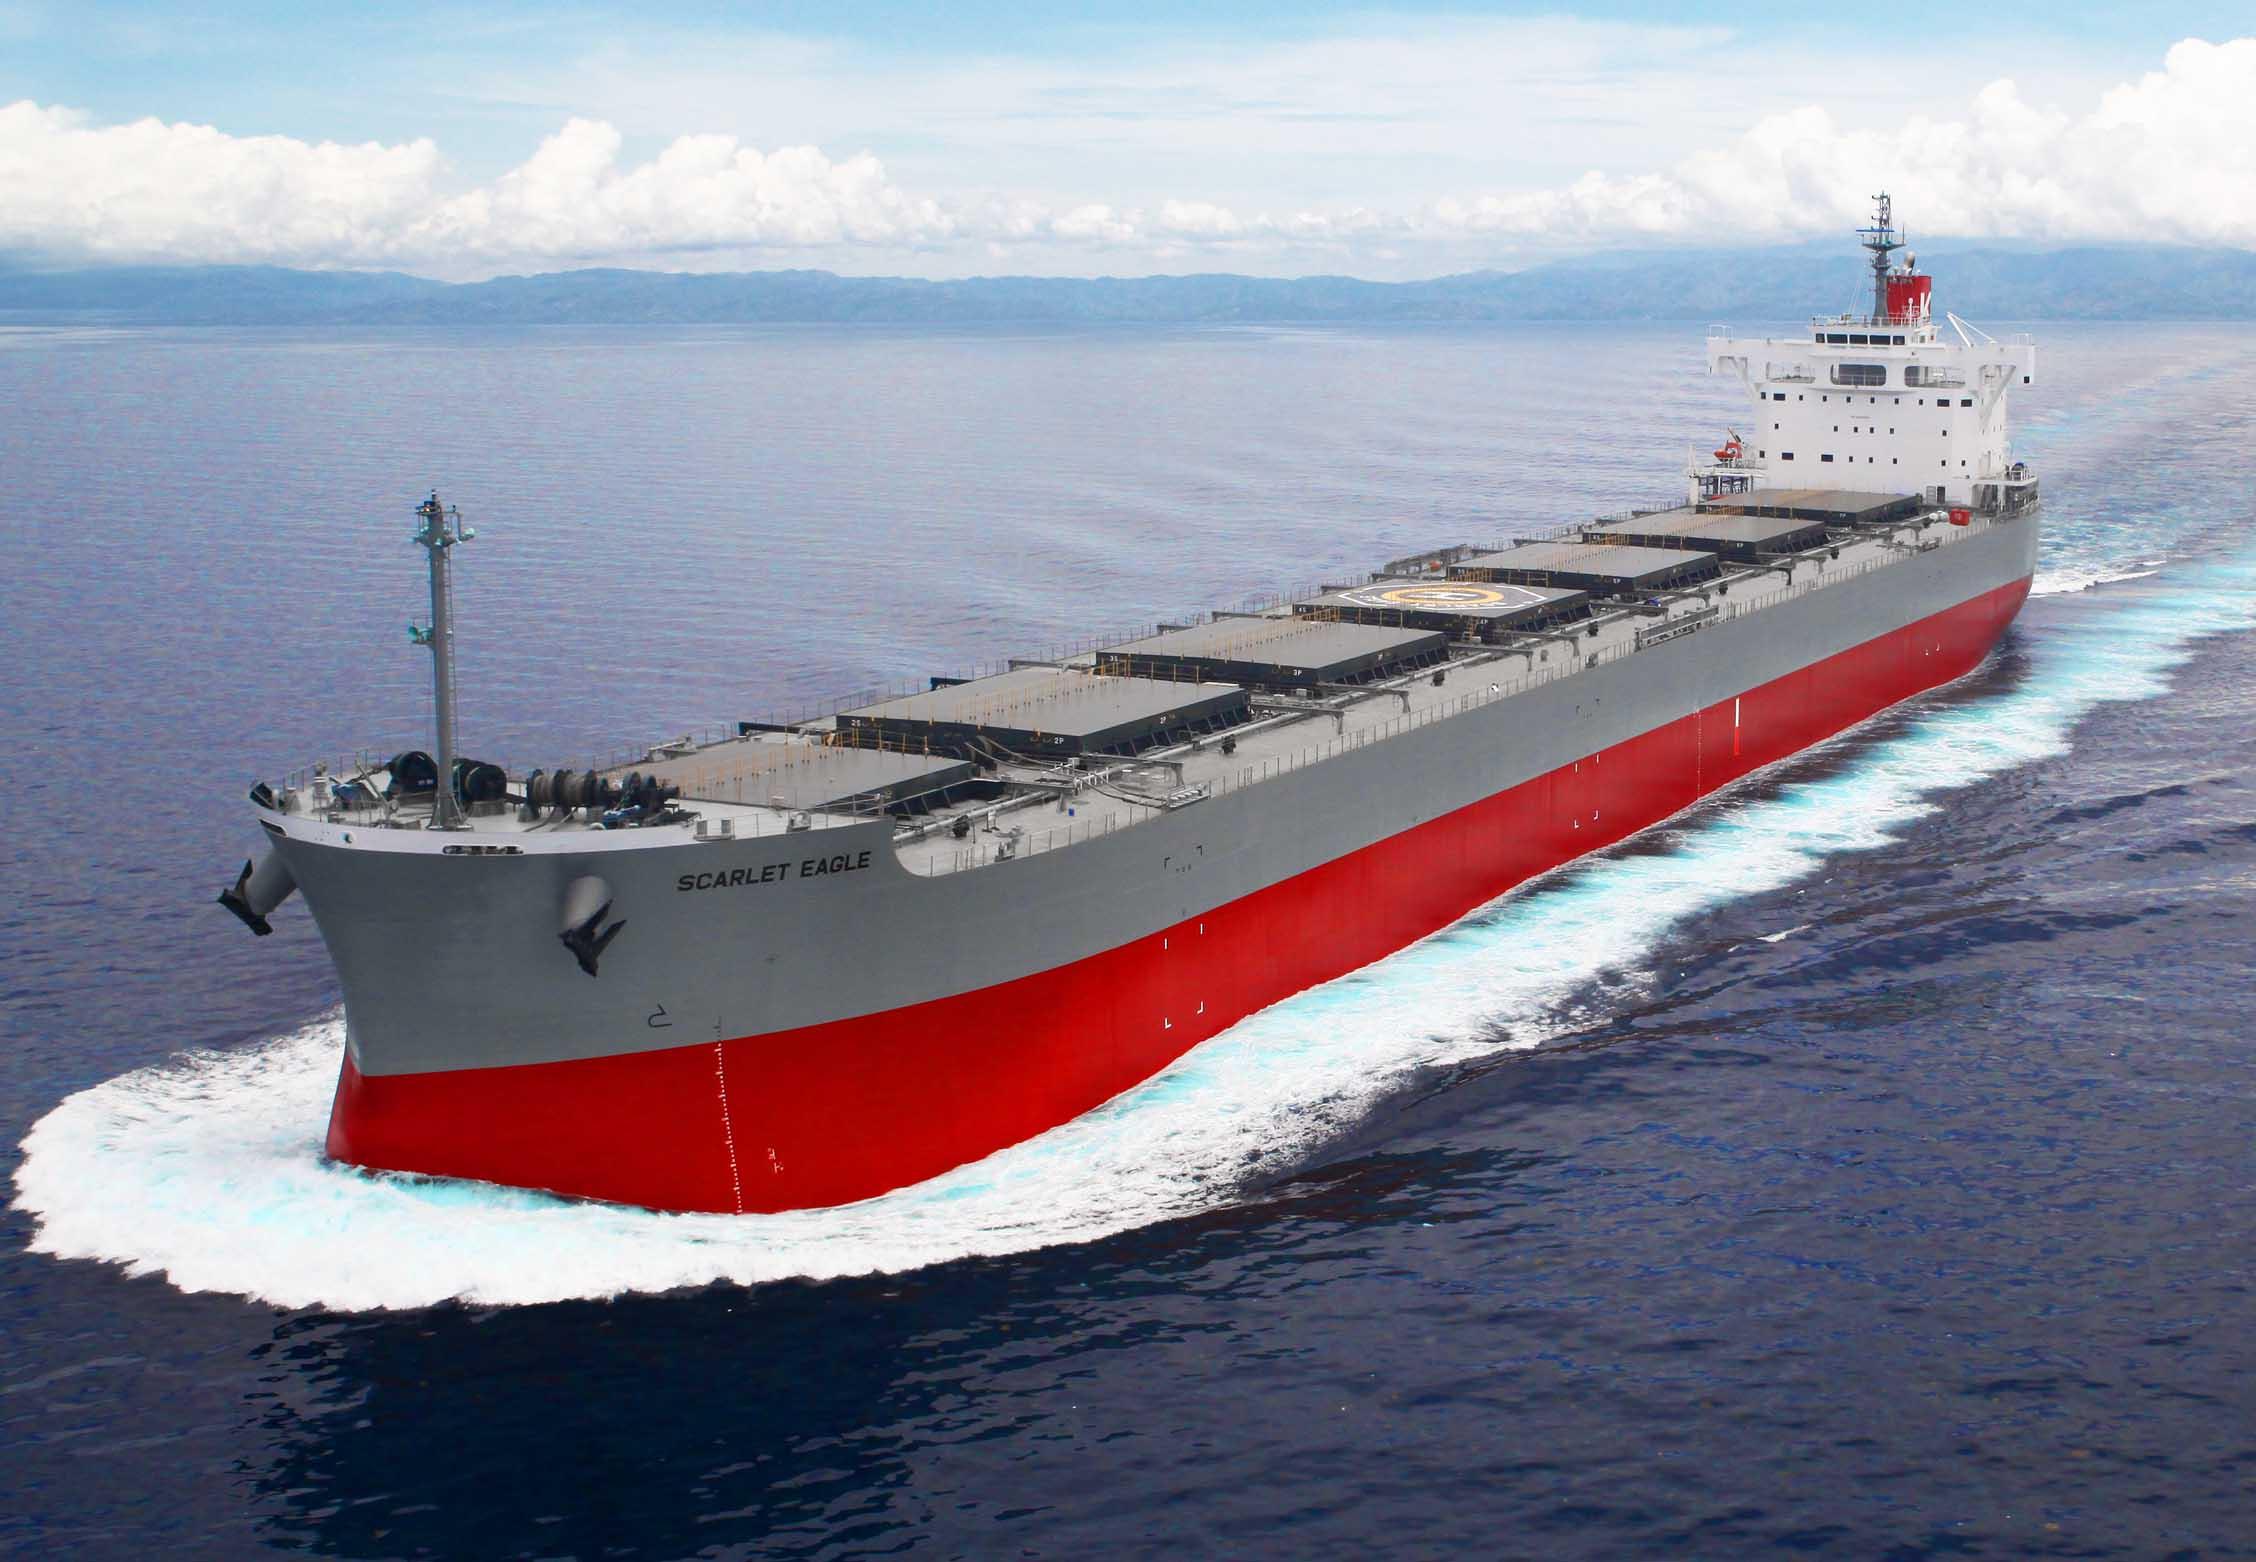 """常石造船海外集团公司的TSUNEISHI HEAVY INDUSTRIES (CEBU), Inc.于本月建成、交付了""""卡姆萨型散装货物船""""系列船的第194艘船舶"""